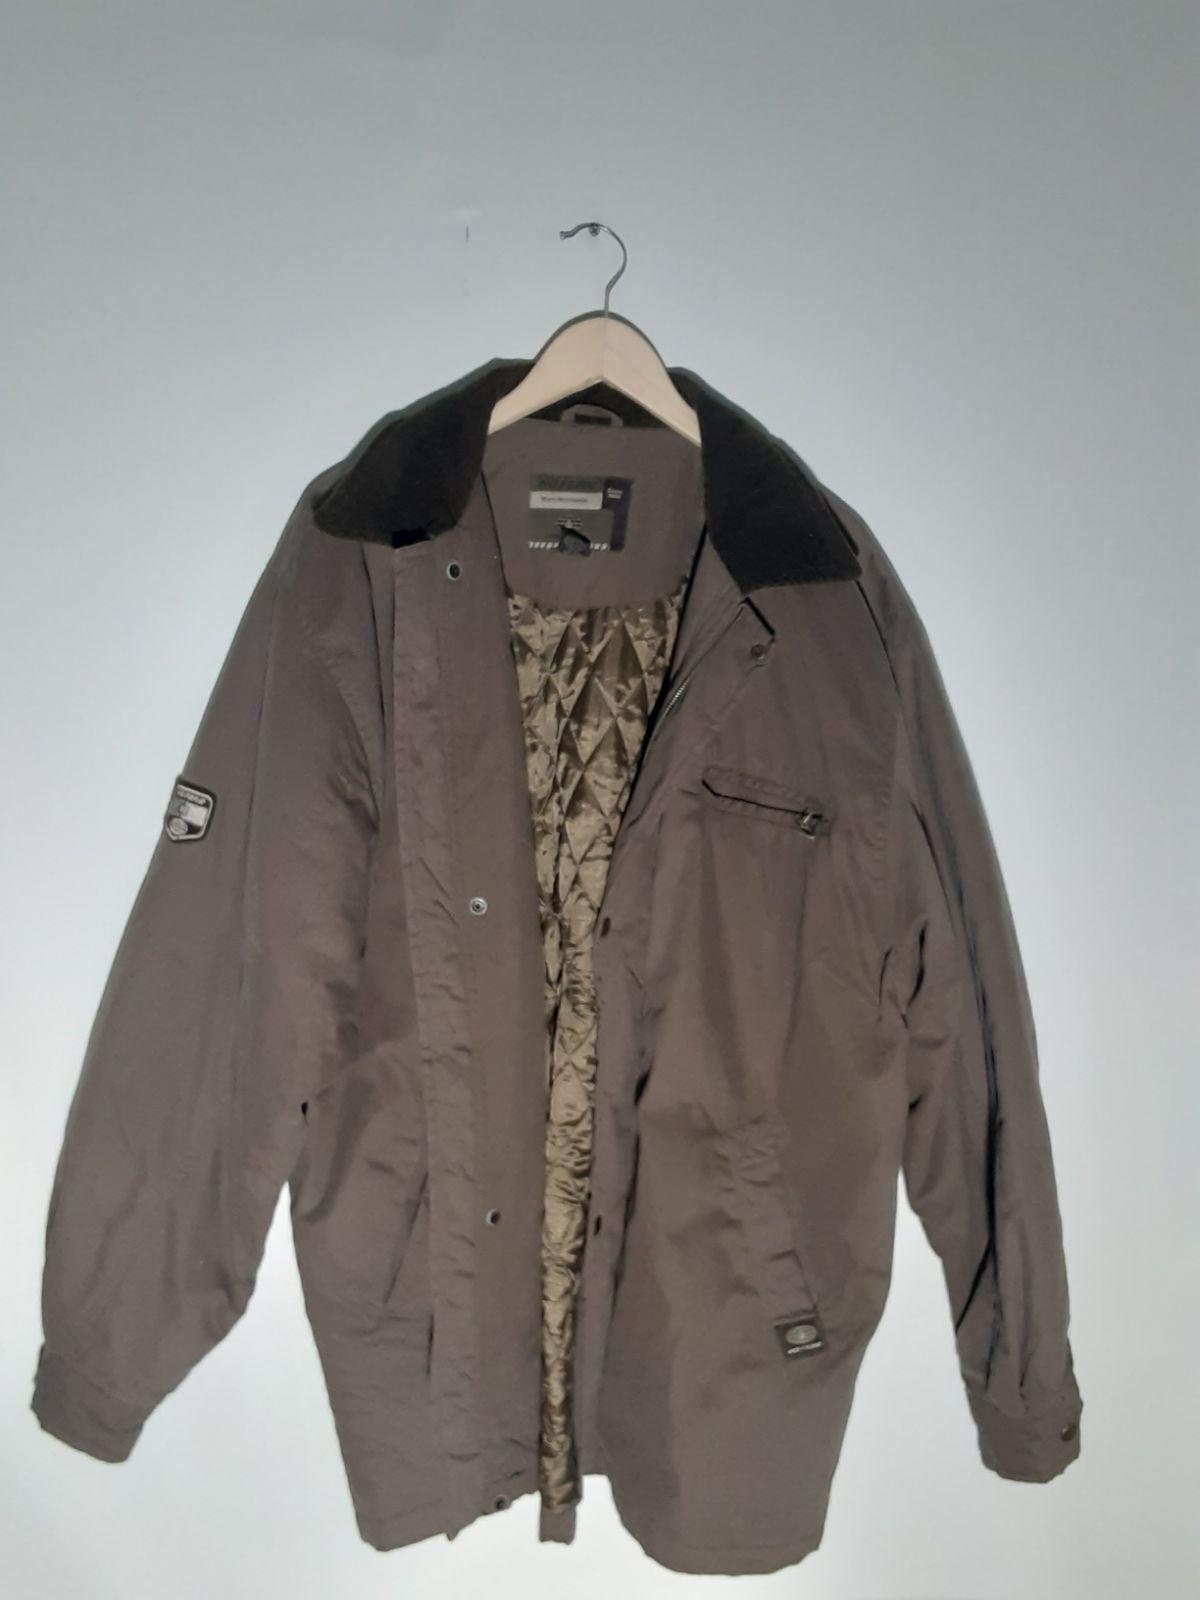 Vintage No fear jacket 90's